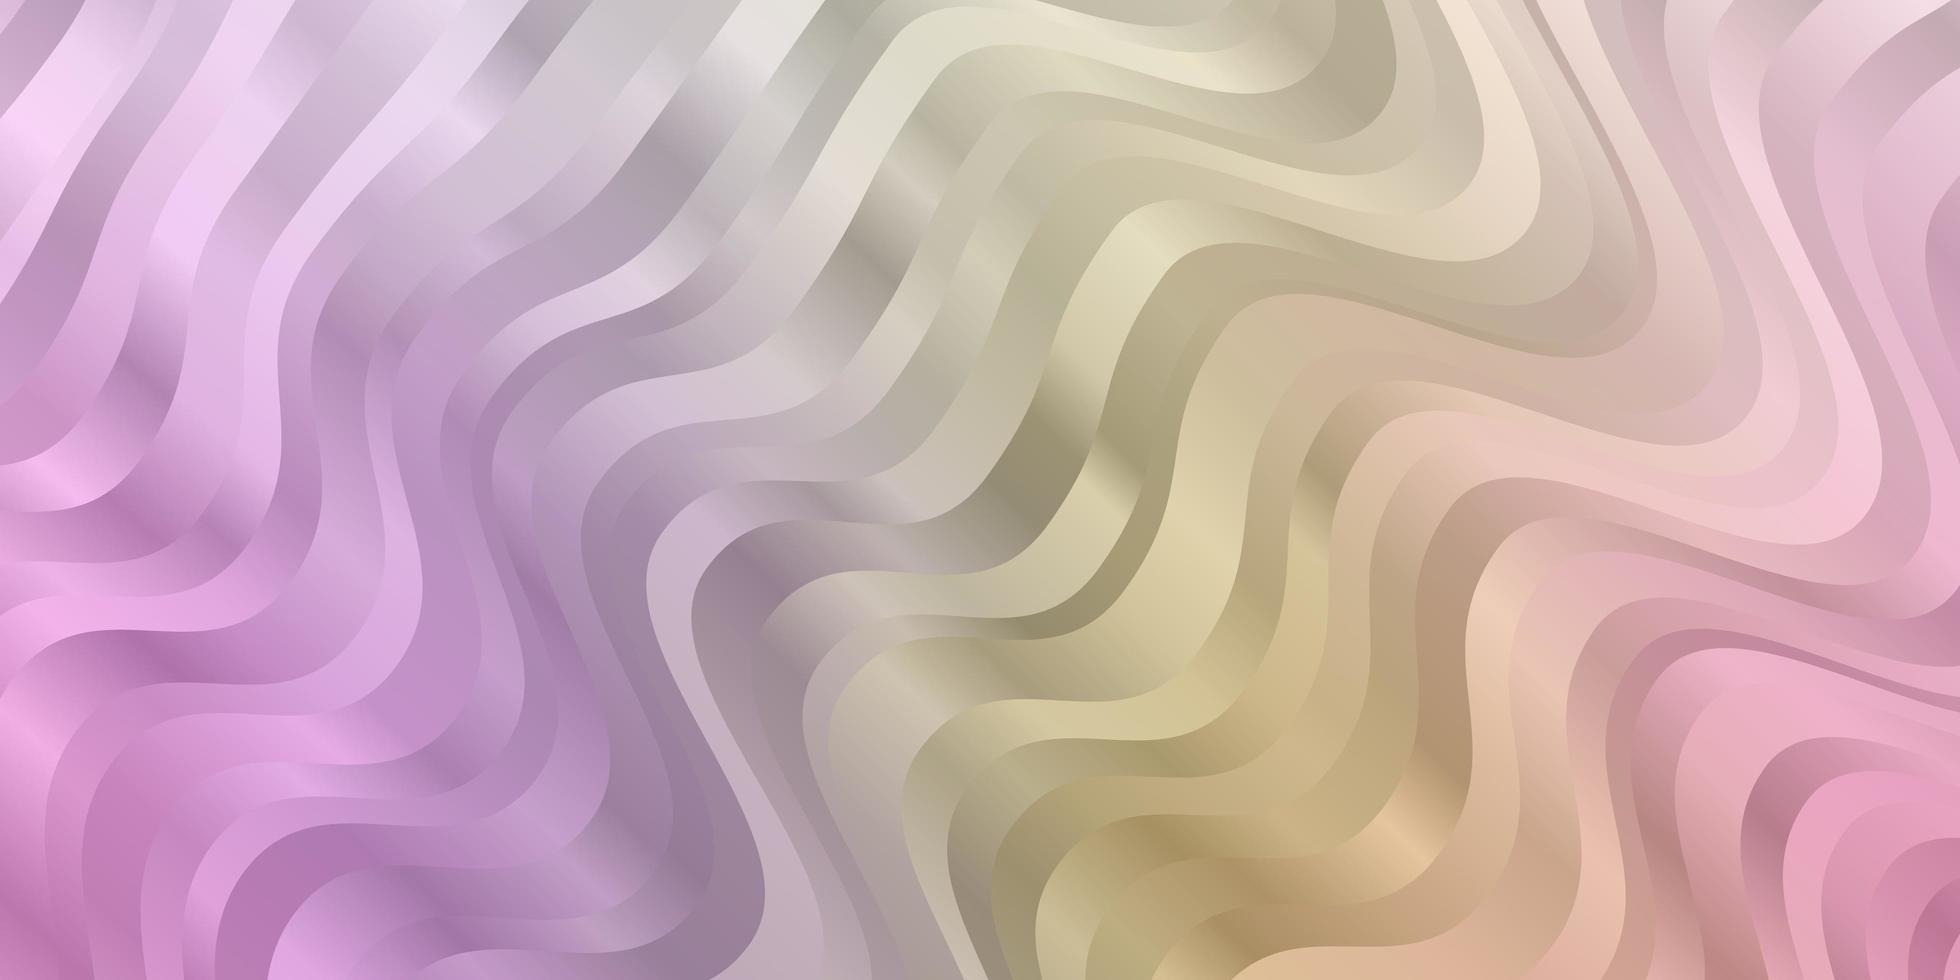 ljus flerfärgad vektorbakgrund med böjda linjer. vektor